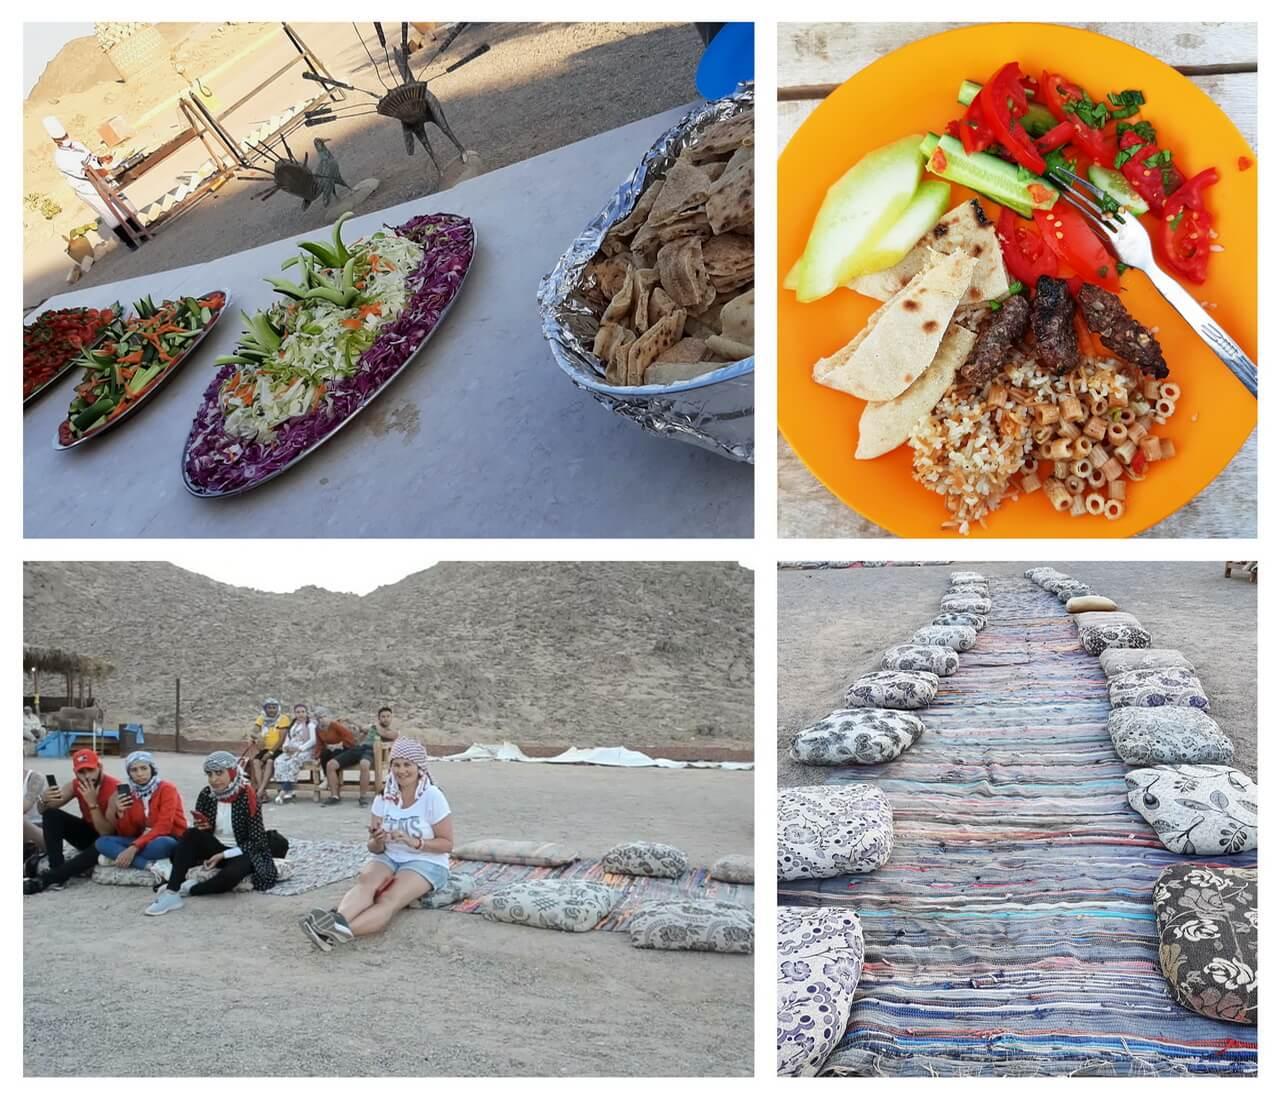 Bedouin bbq dinner